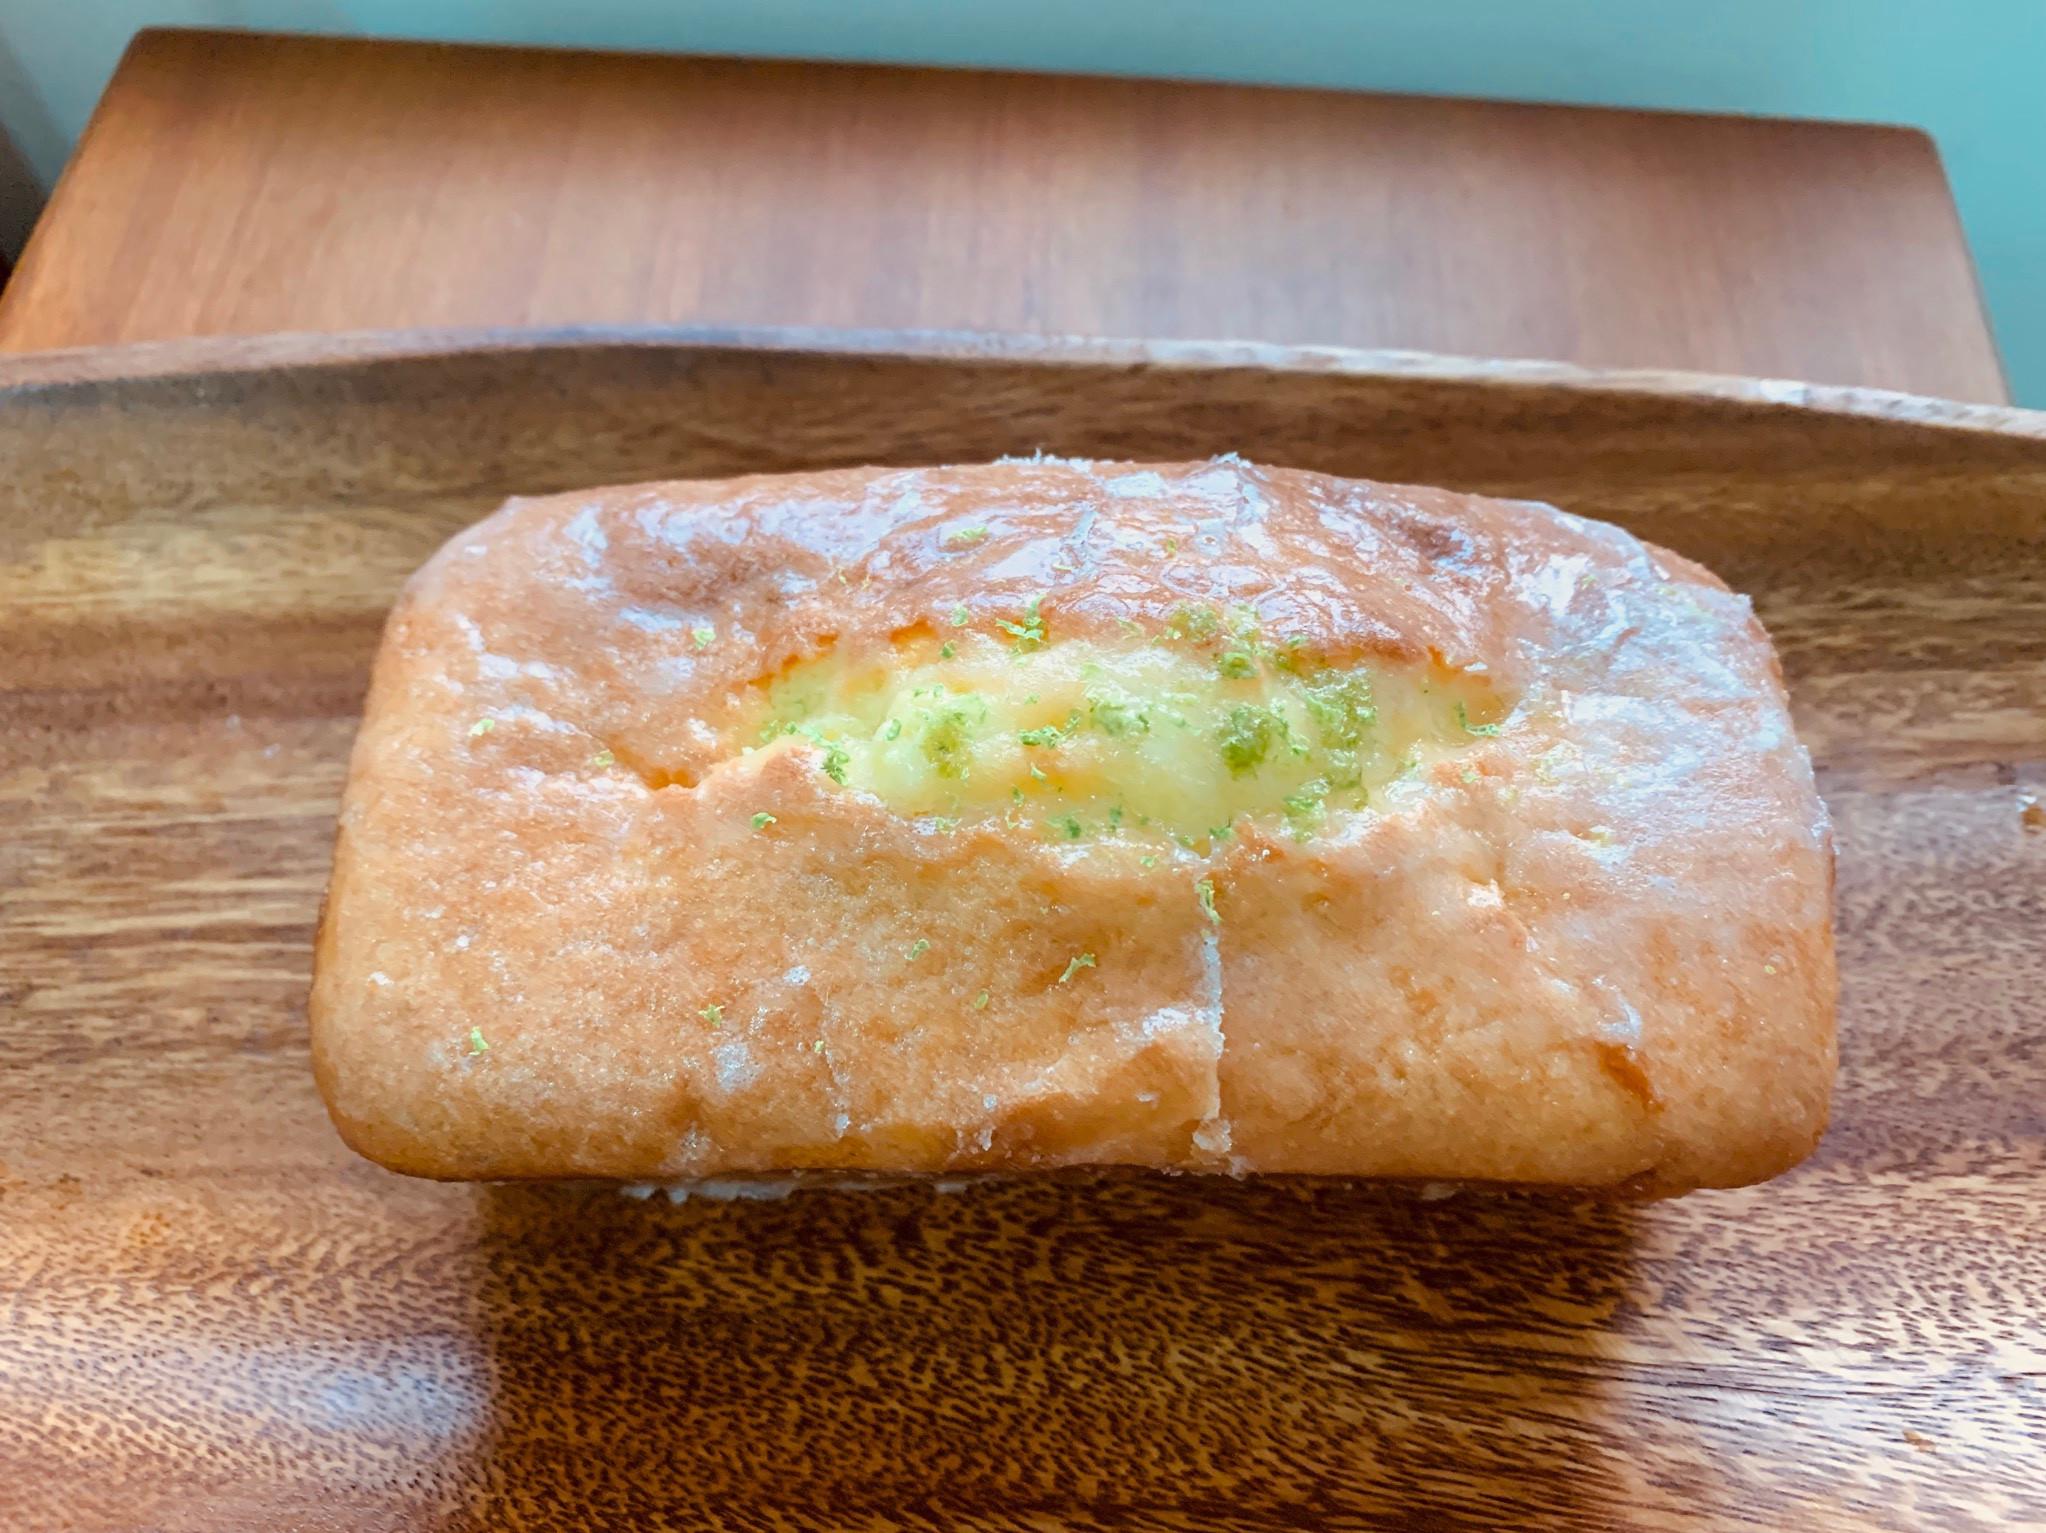 檸檬奶油蛋糕(濕潤清爽)